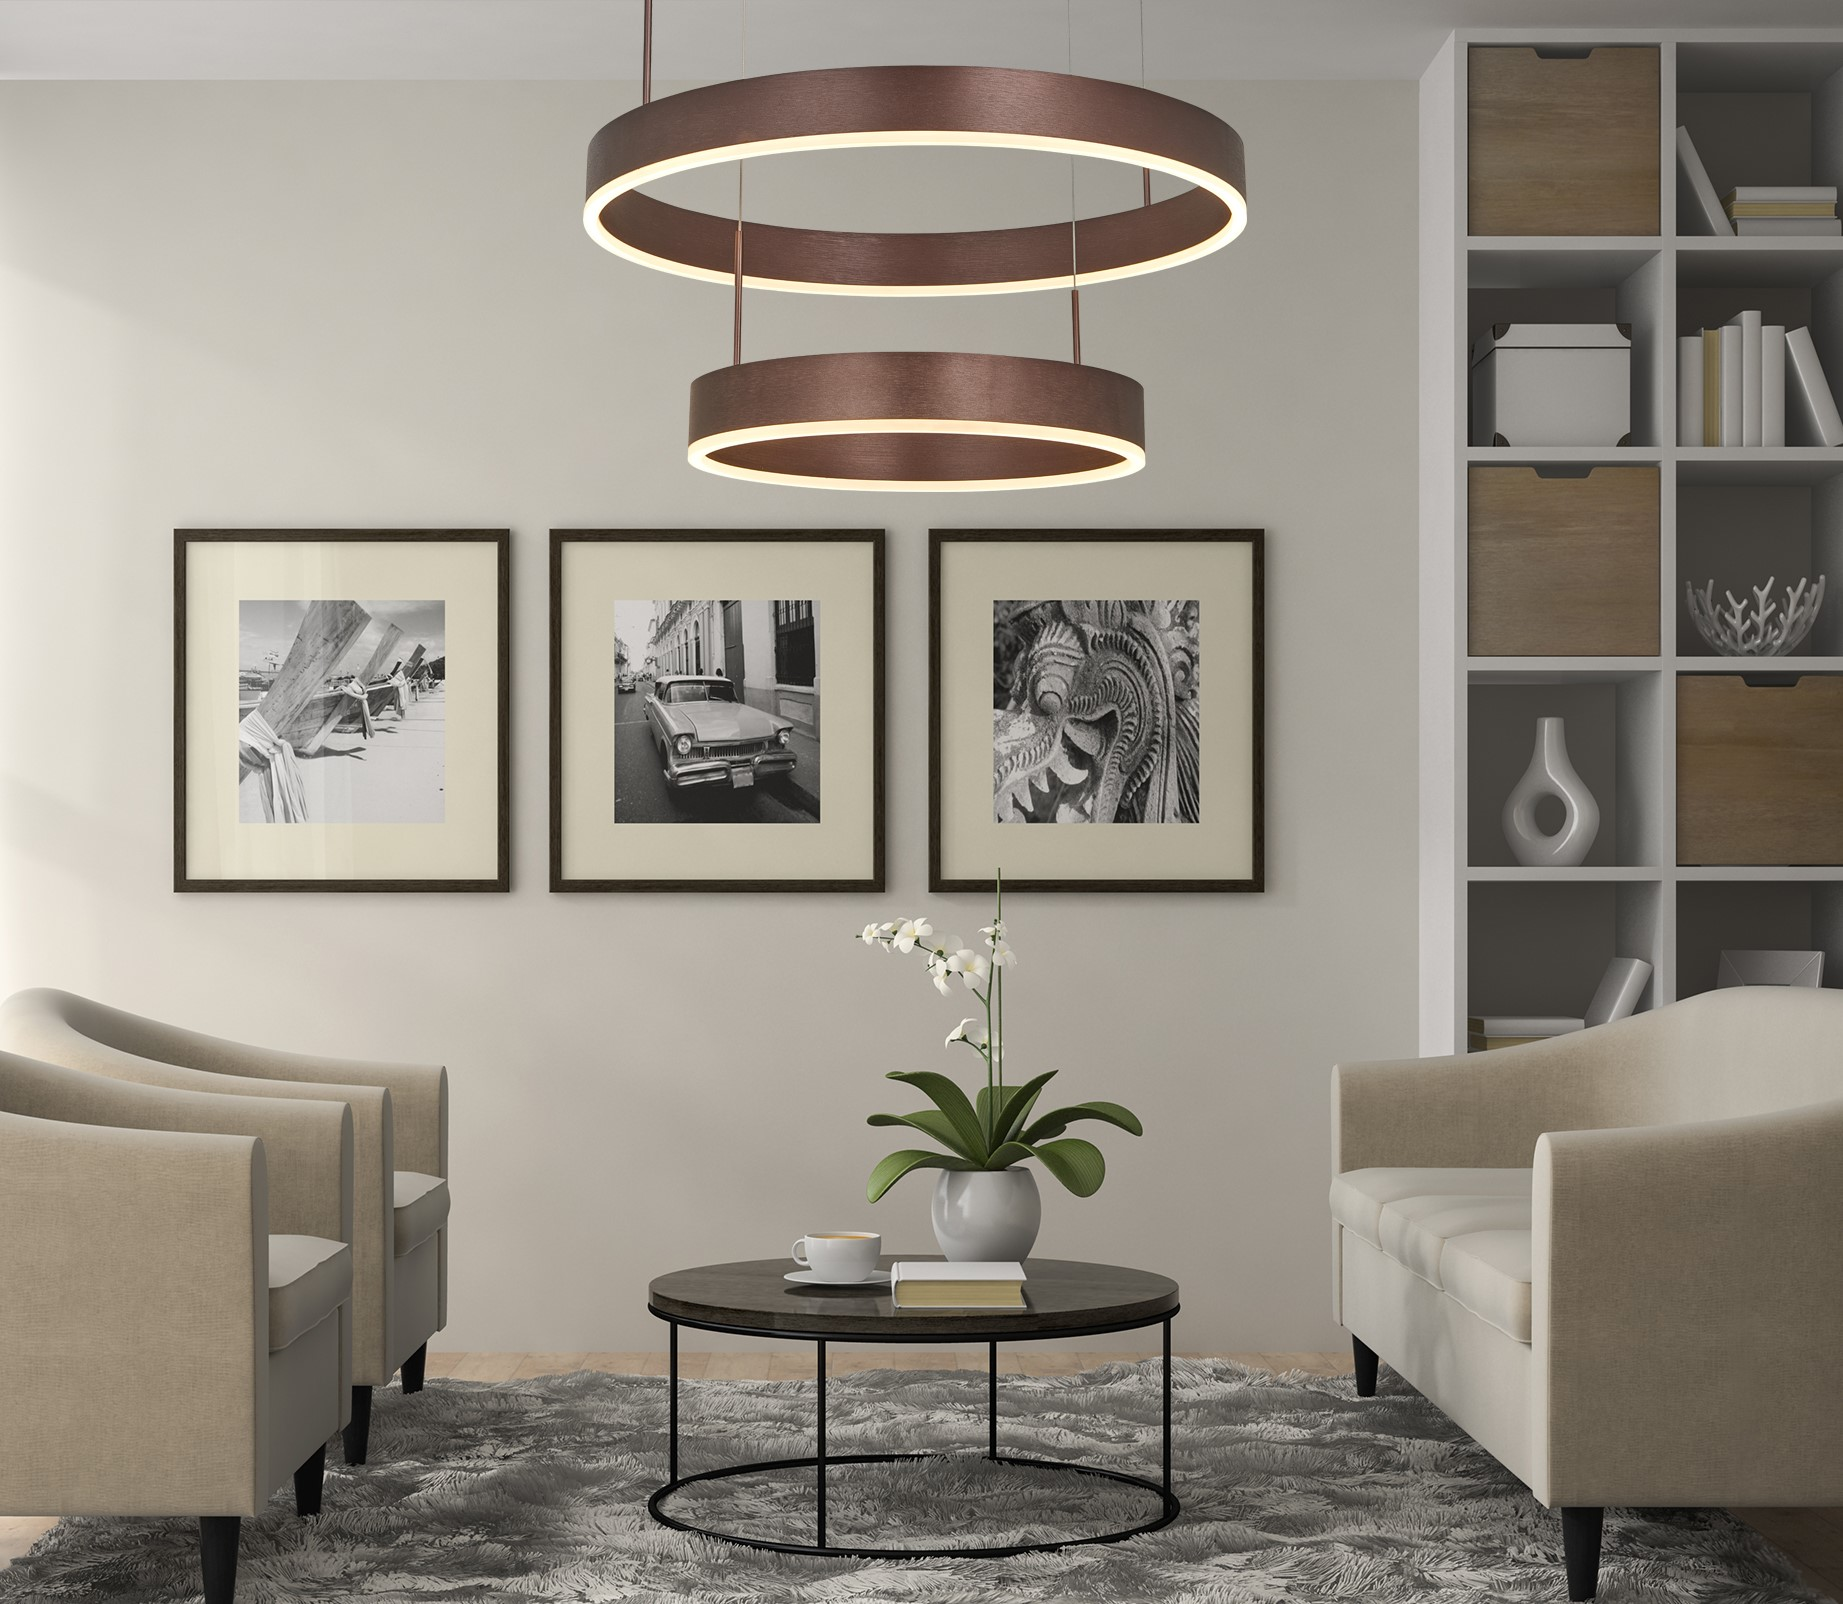 Erfahren Sie mehr über die LED Ringleuchte Milano